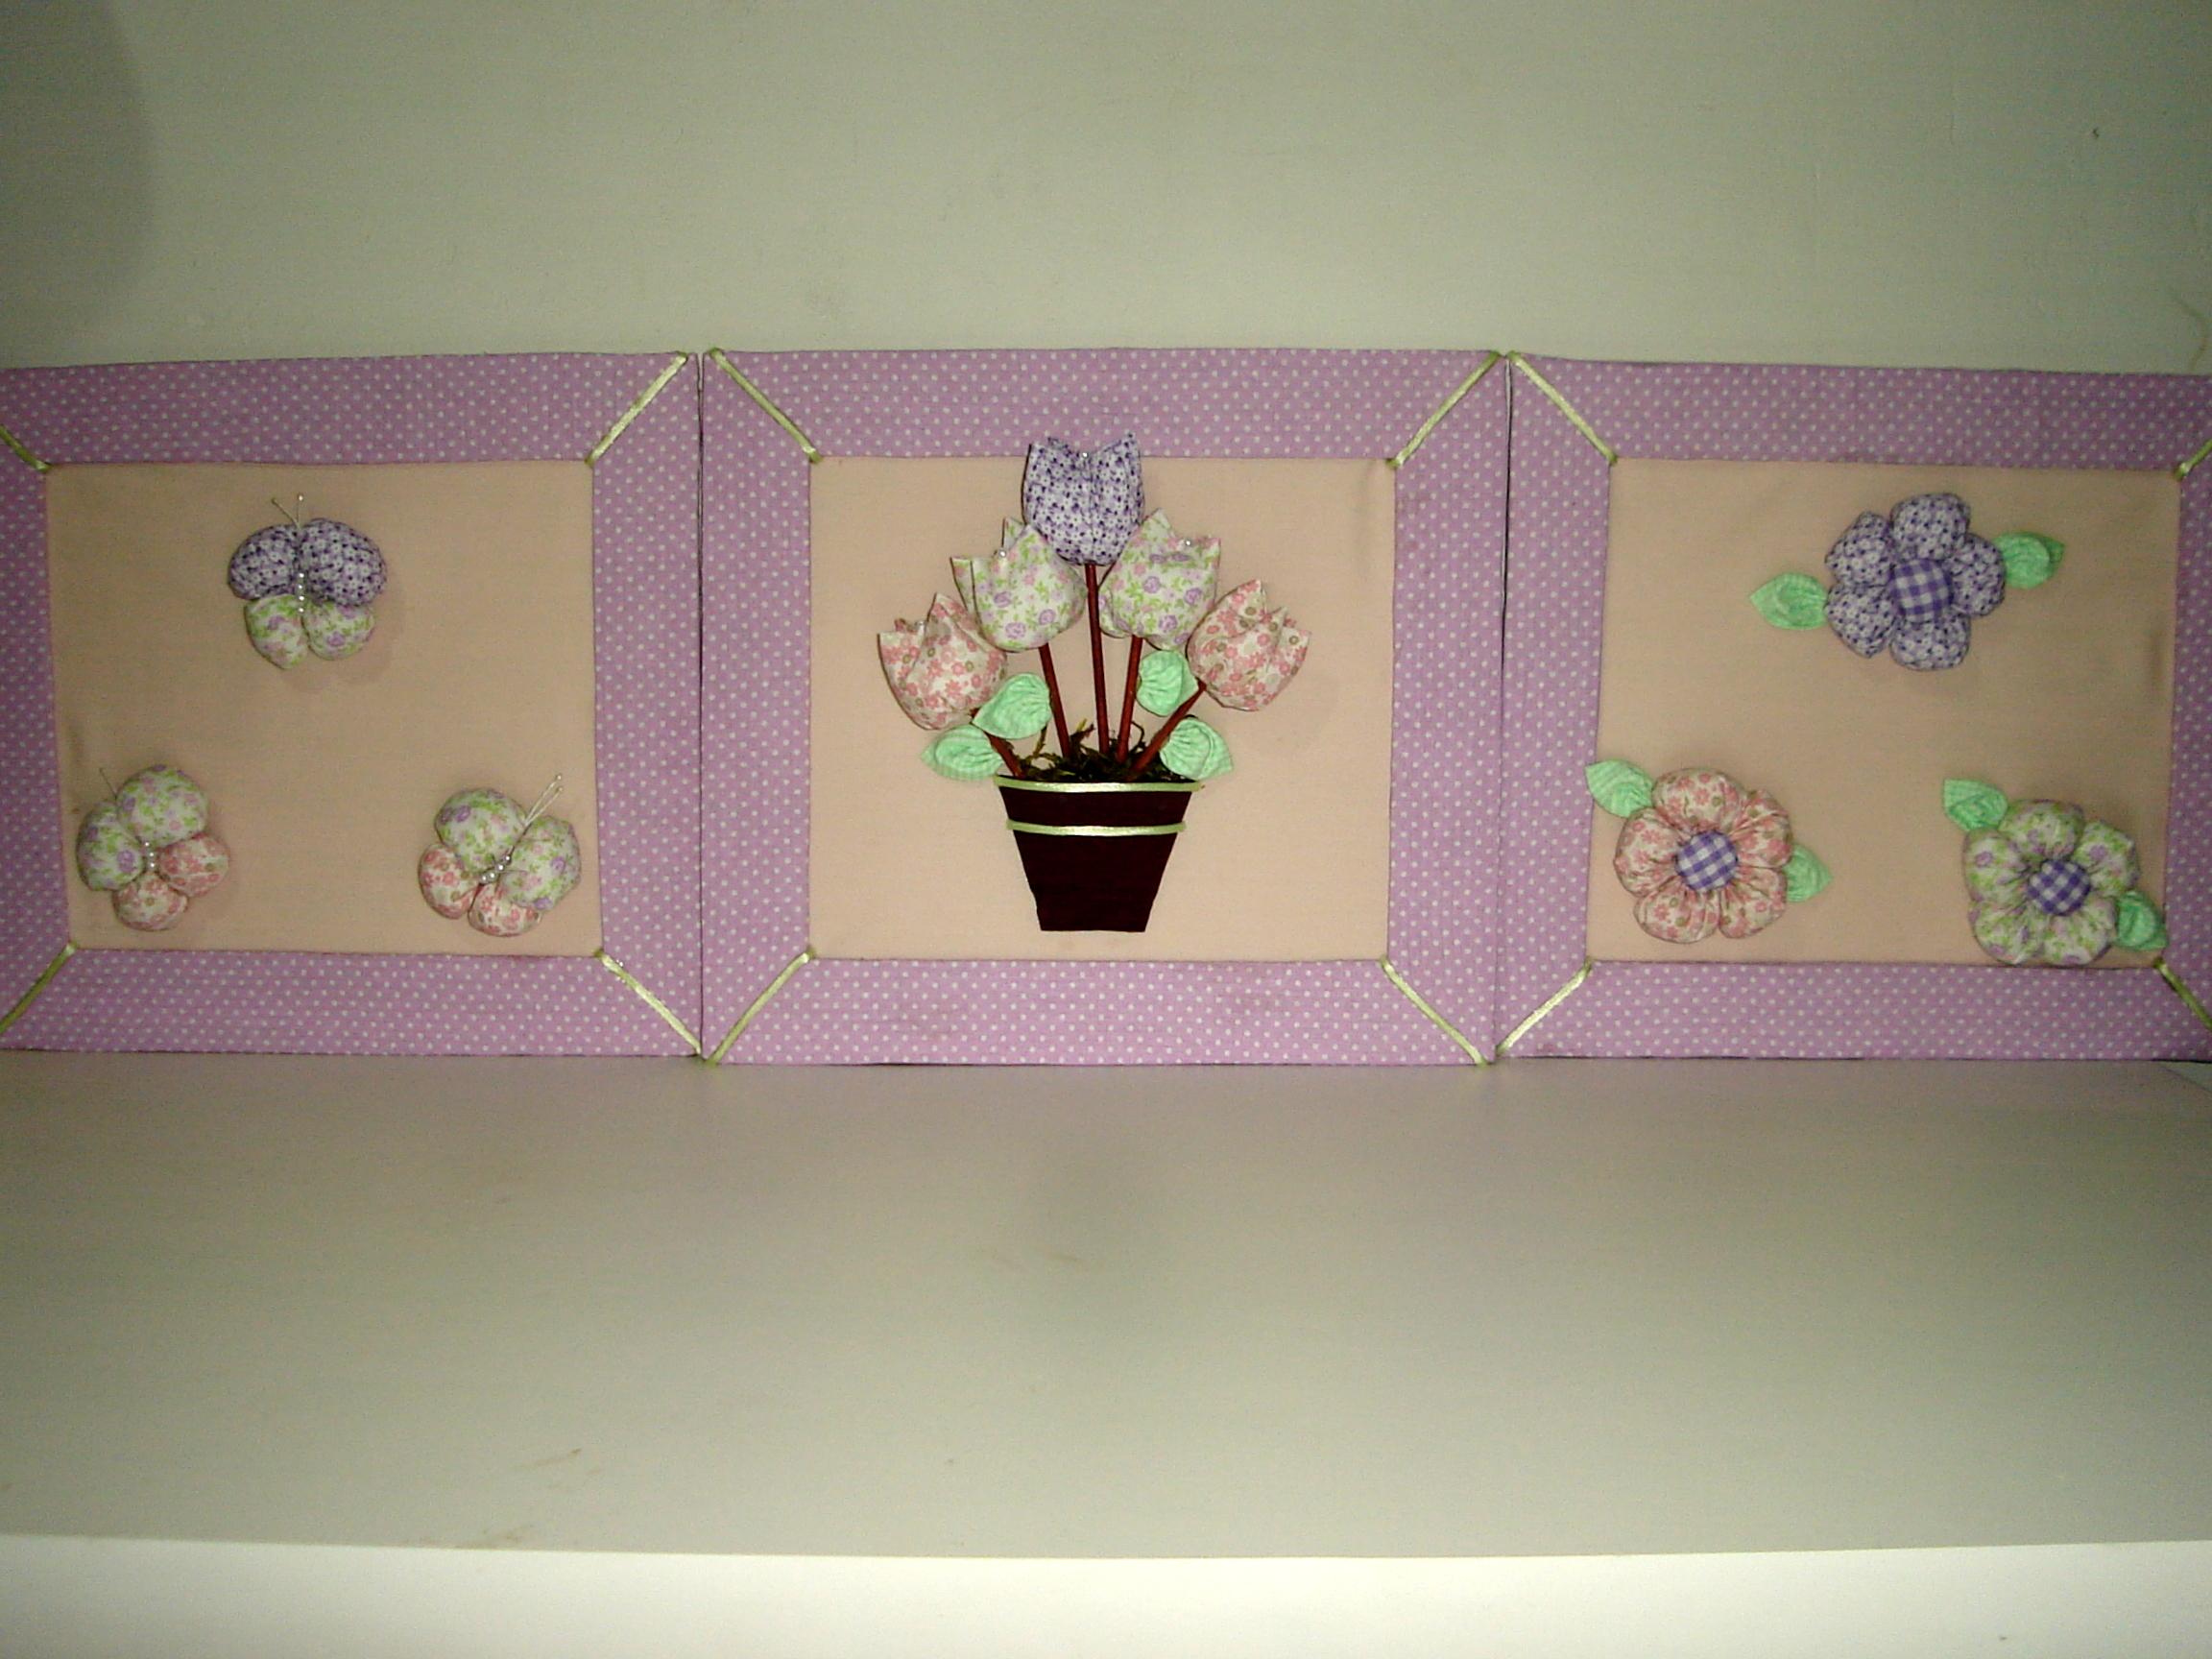 Quadro Para Quarto De Bebe Comprar ~ quadros decorativos para quarto de bebe quadros decorativos para